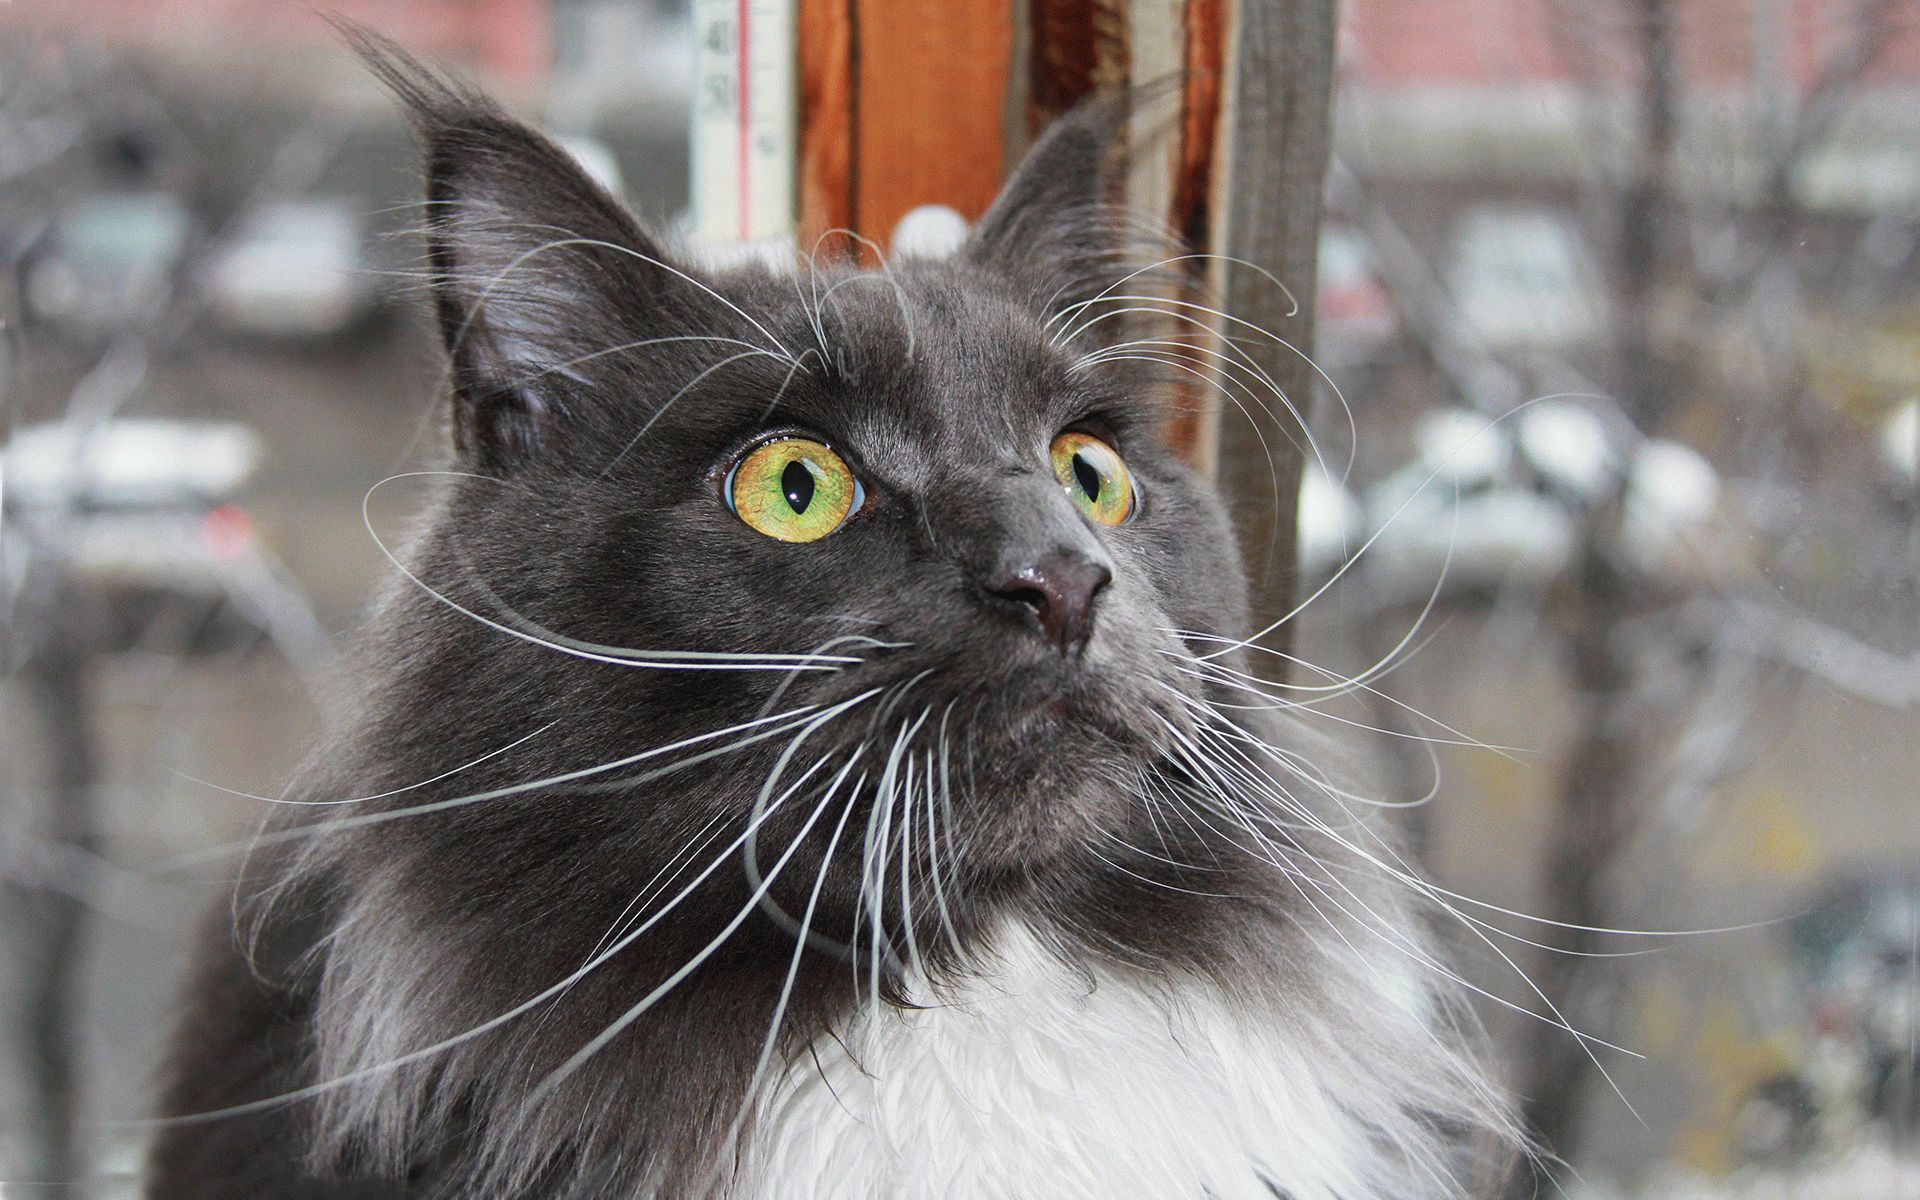 действительно коты с кисточками на ушах фото сети гадают